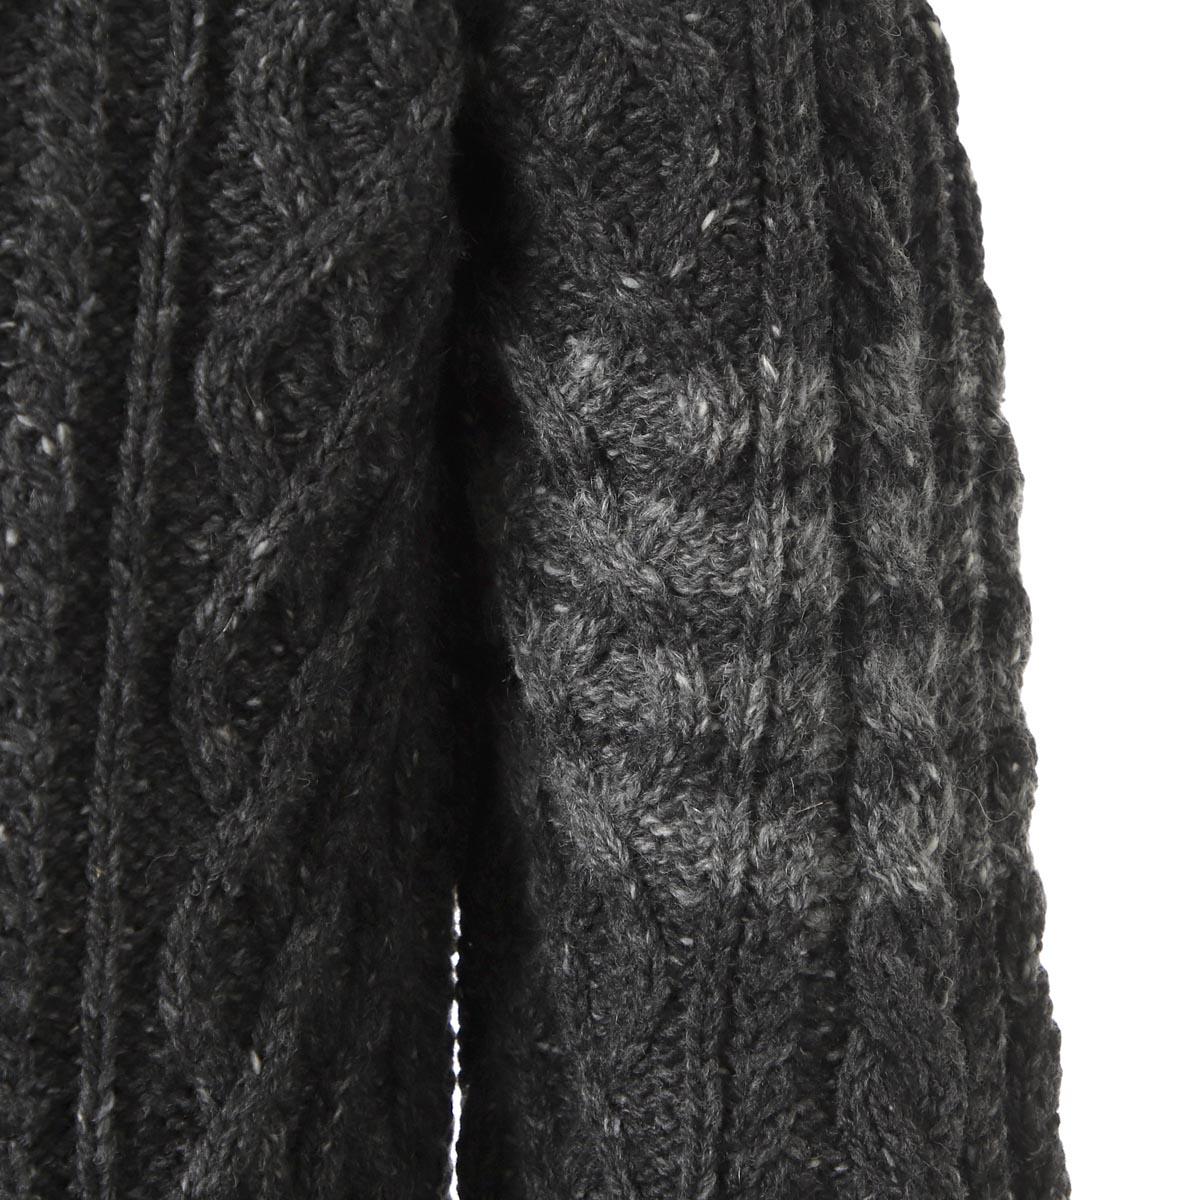 【タイムセール TOPS】THOM BROWNE. トムブラウン クルーネック セーター/W/ 4 BAR ARAN CABLE PULLOVER メンズ